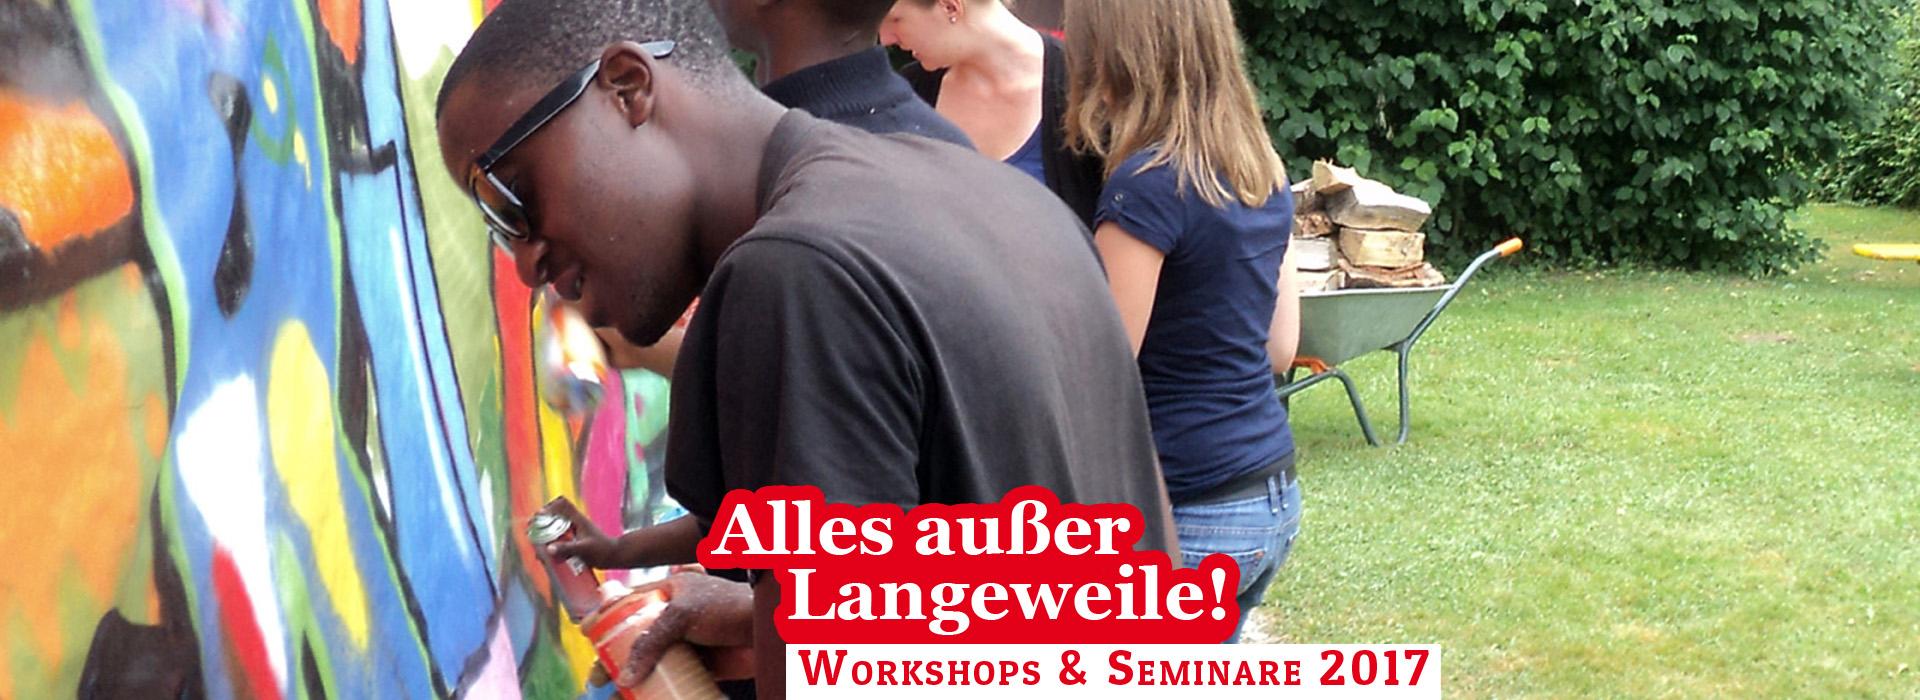 Die Termine 2017 für Workshops und Seminare des Jugendwerk der AWO Württemberg